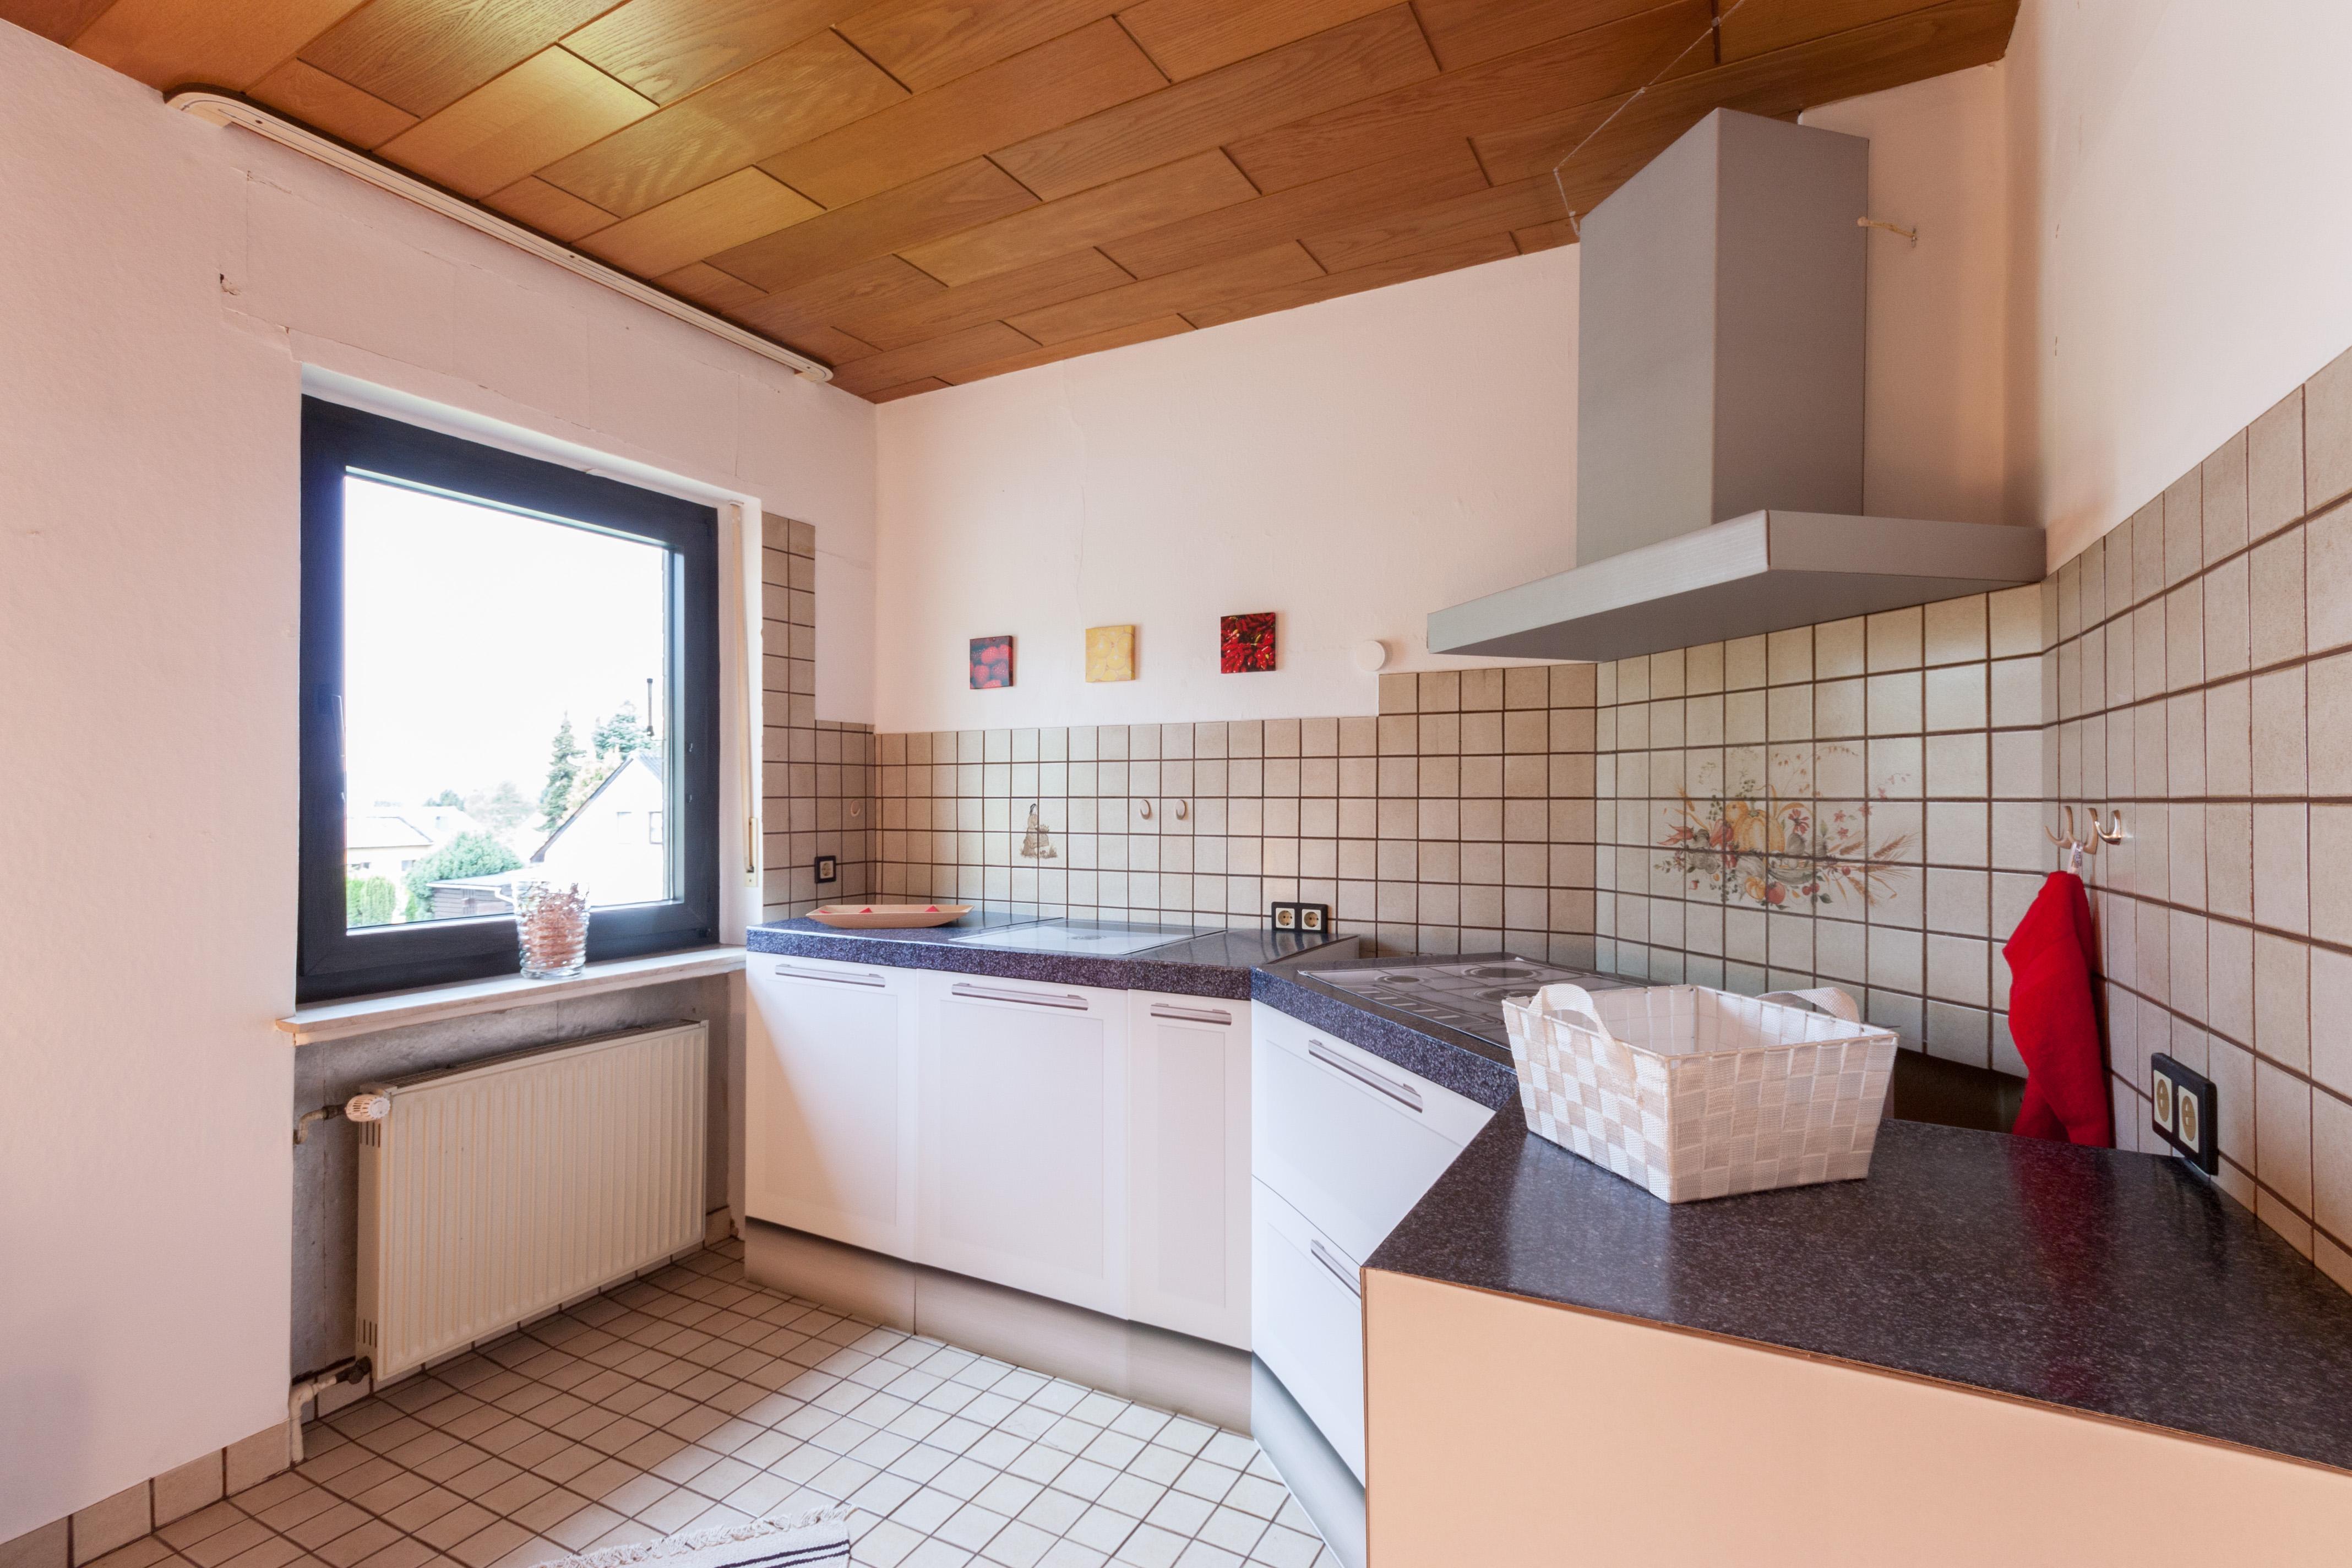 Holzdecke seite 2 bilder ideen couchstyle - Holzdecke ideen ...